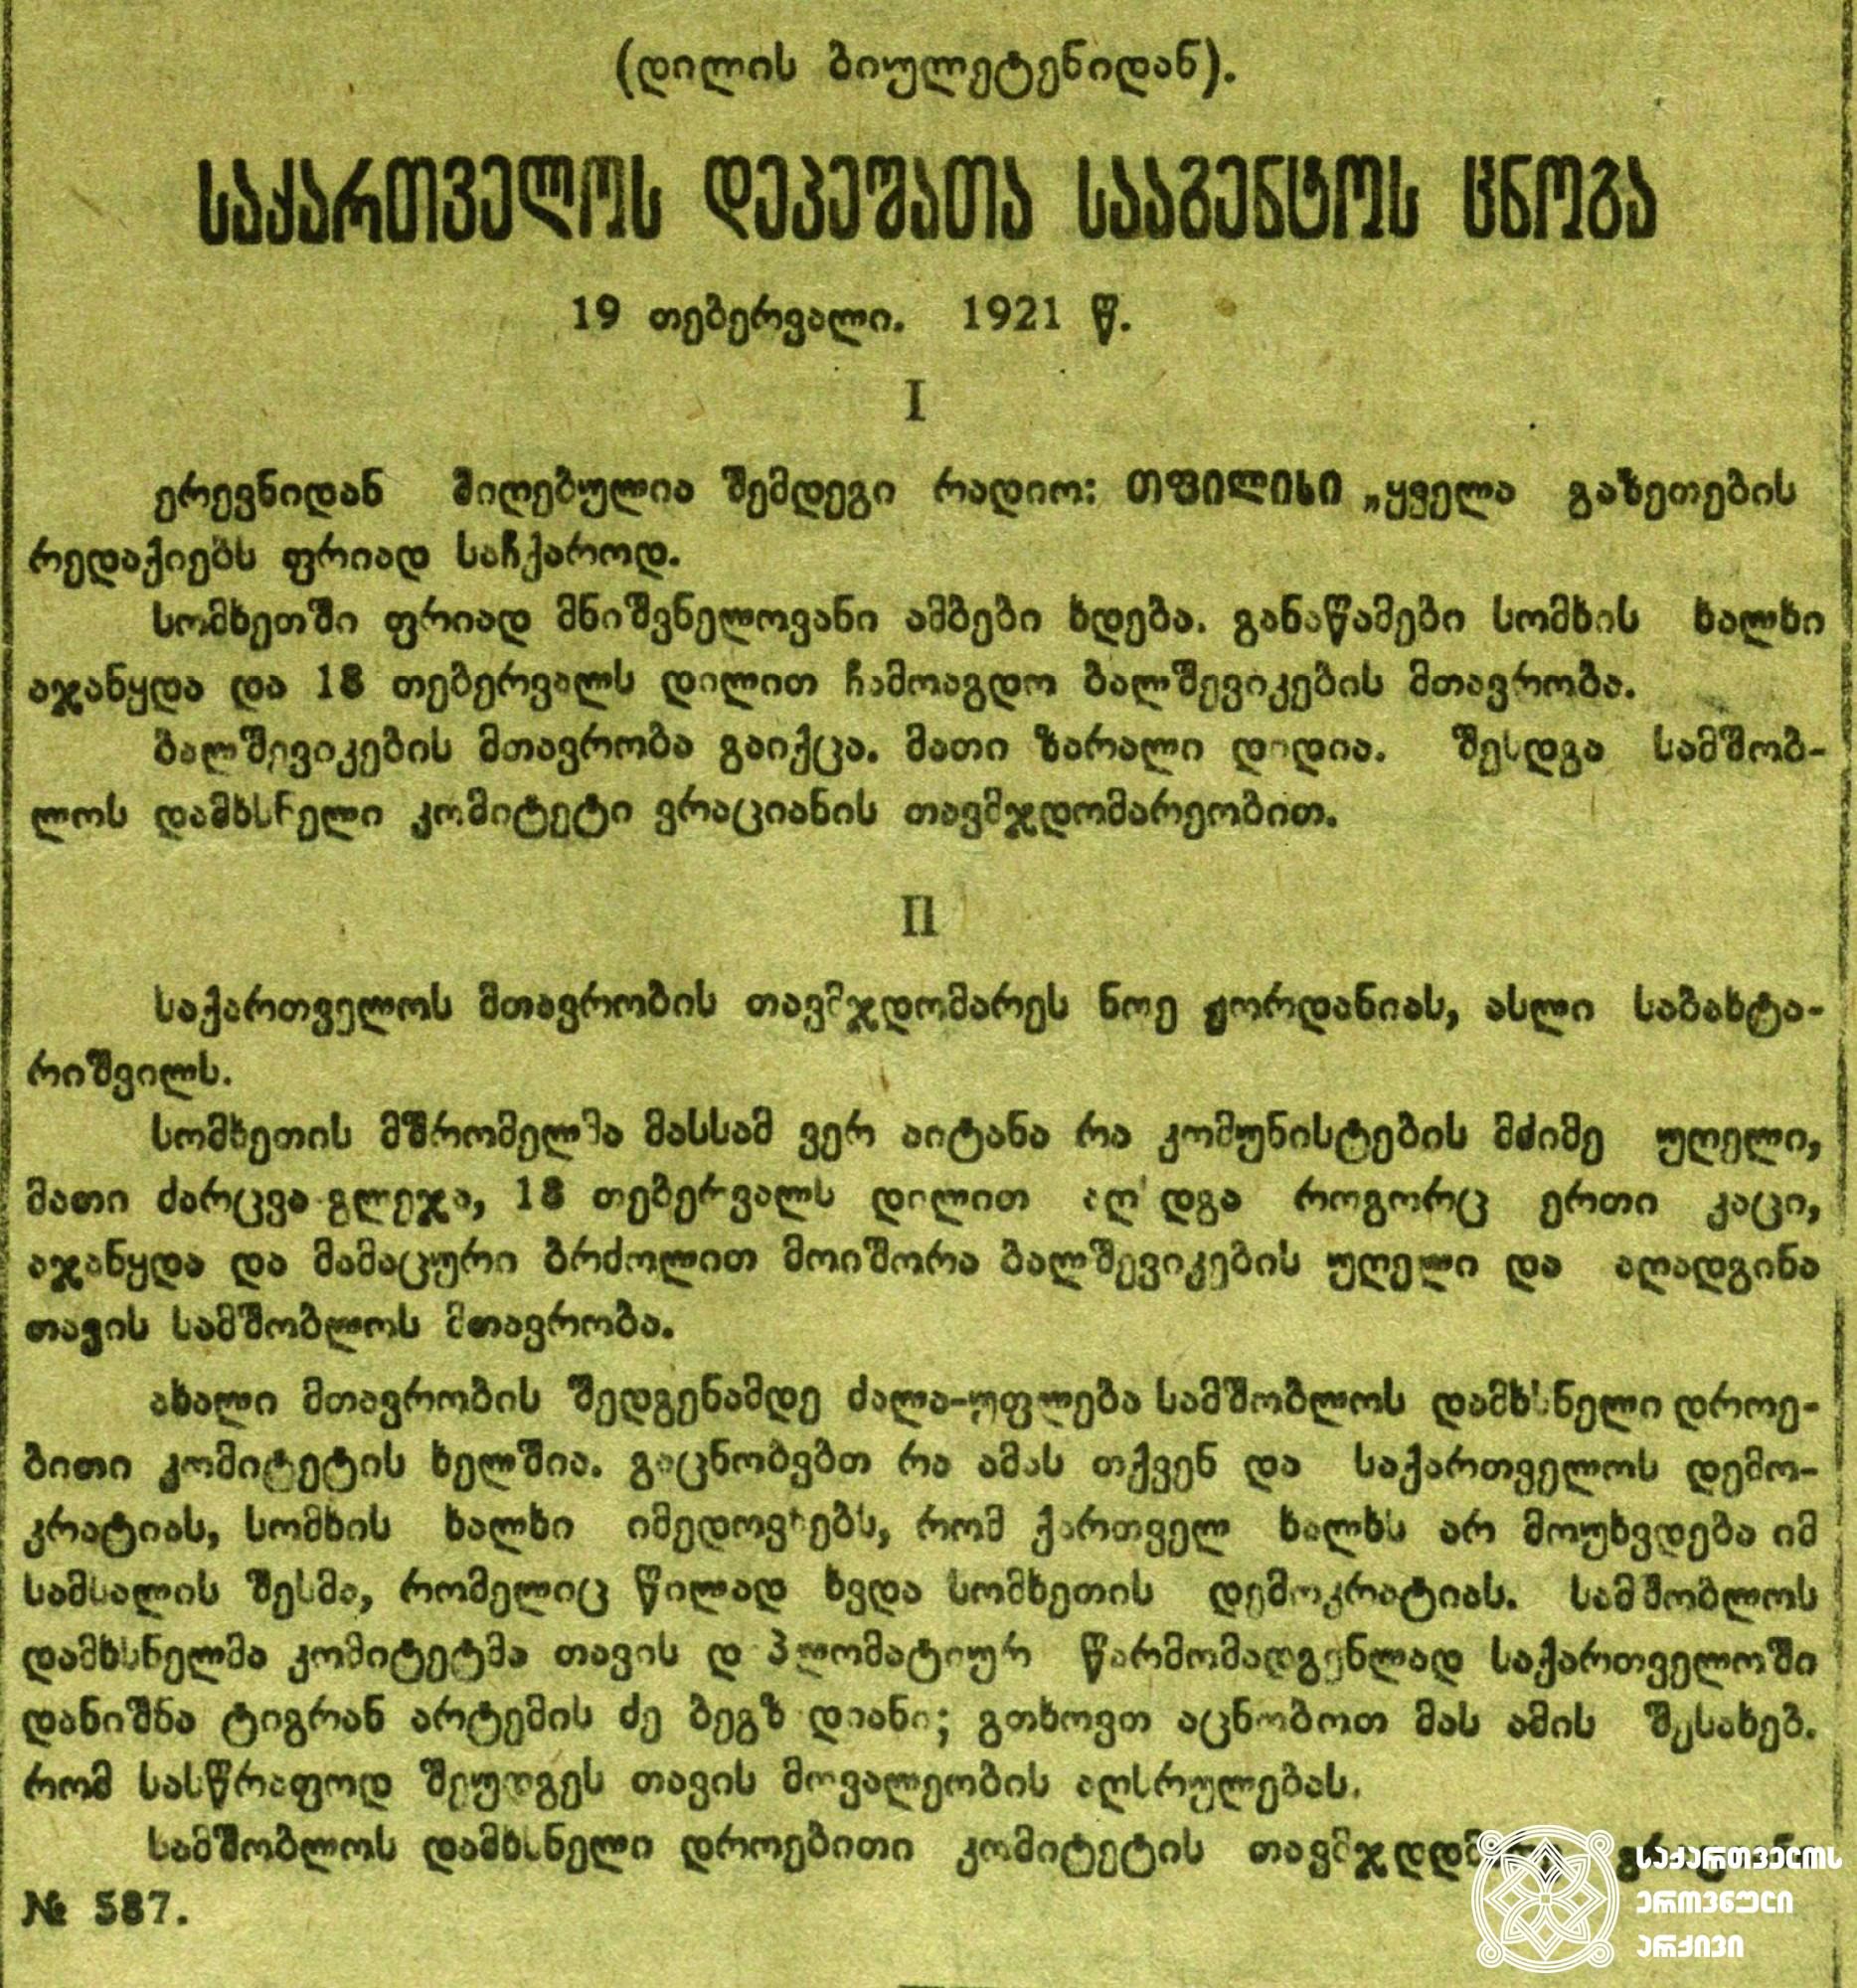 საქართველოს დეპეშათა სააგენტოს ცნობა სომხეთში ანტისაოკუპაციო აჯანყების დაწყებისა და  ერევნის ბოლშევიკებისგან განთავისუფლების შესახებ. <br> 1921 წლის 19 თებერვალი. <br> Notice of the Georgian Telegraph Agency on the start of the anti-occupation uprising in Armenia and the liberation of Yerevan from the Bolsheviks. <br> February 19, 1921.